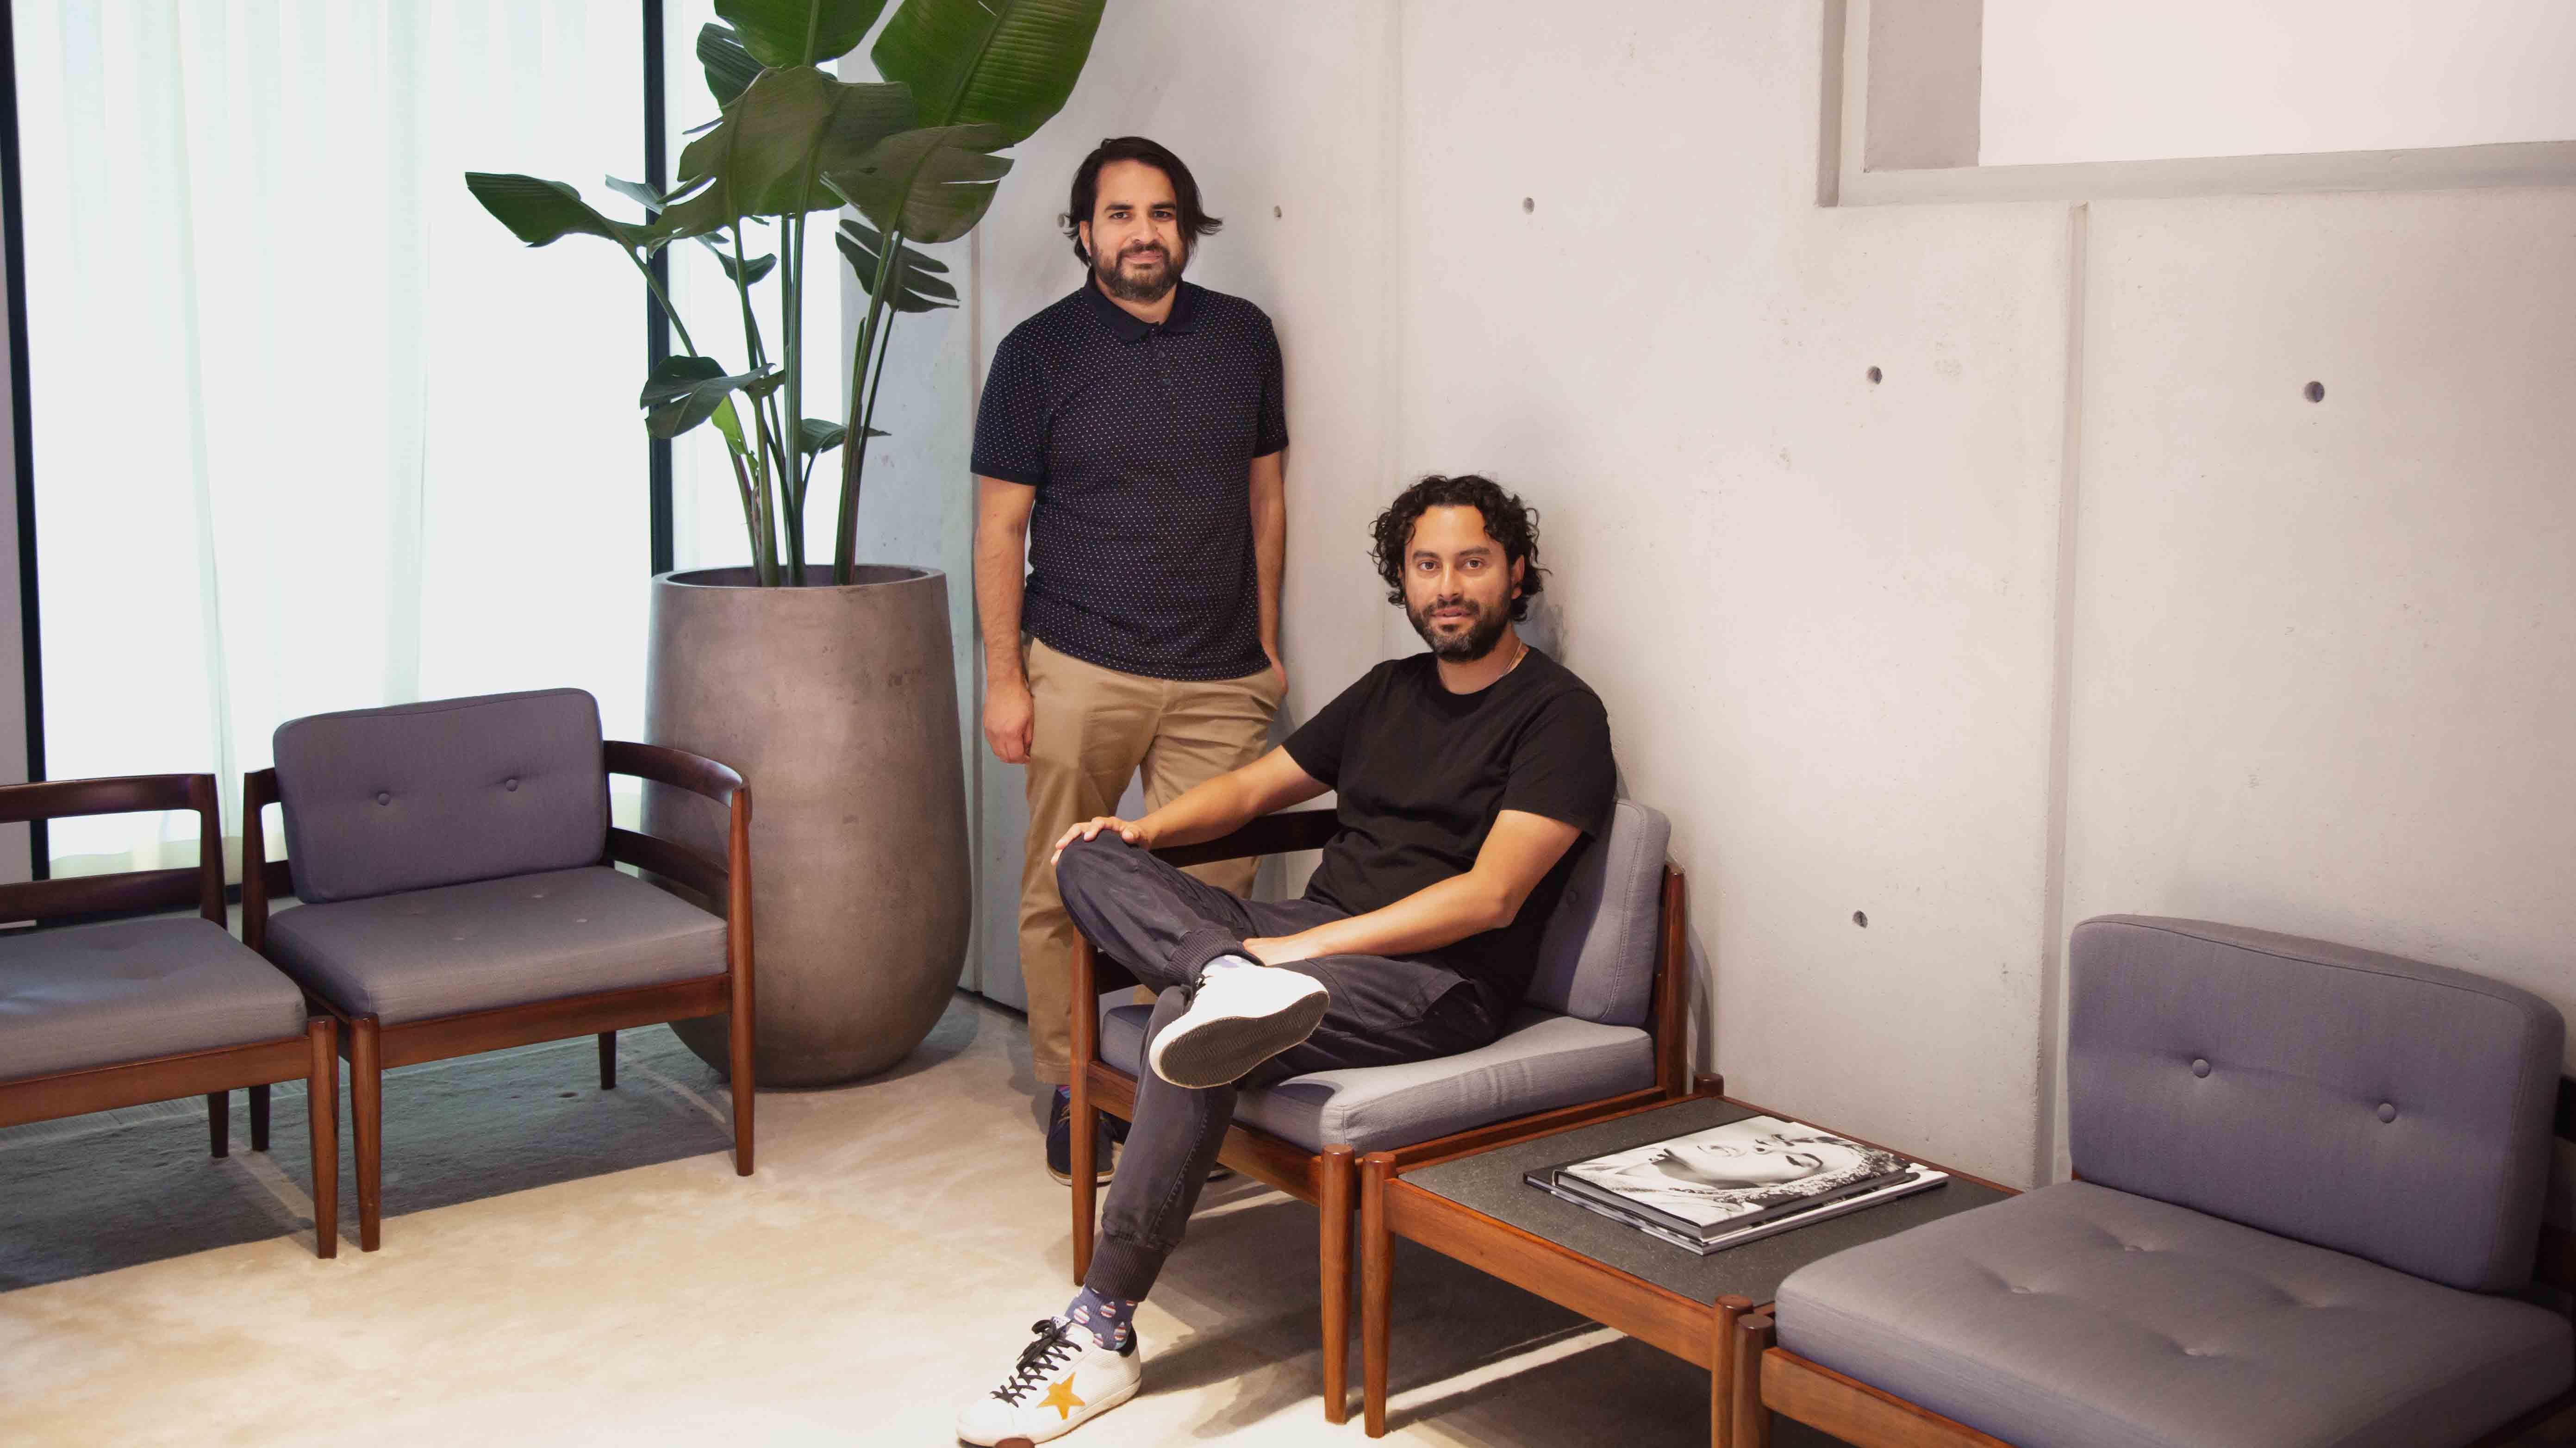 """Lanfranco & Córdova: """"El quid de la creatividad está en cómo hacer relevante la data para una empresa"""""""